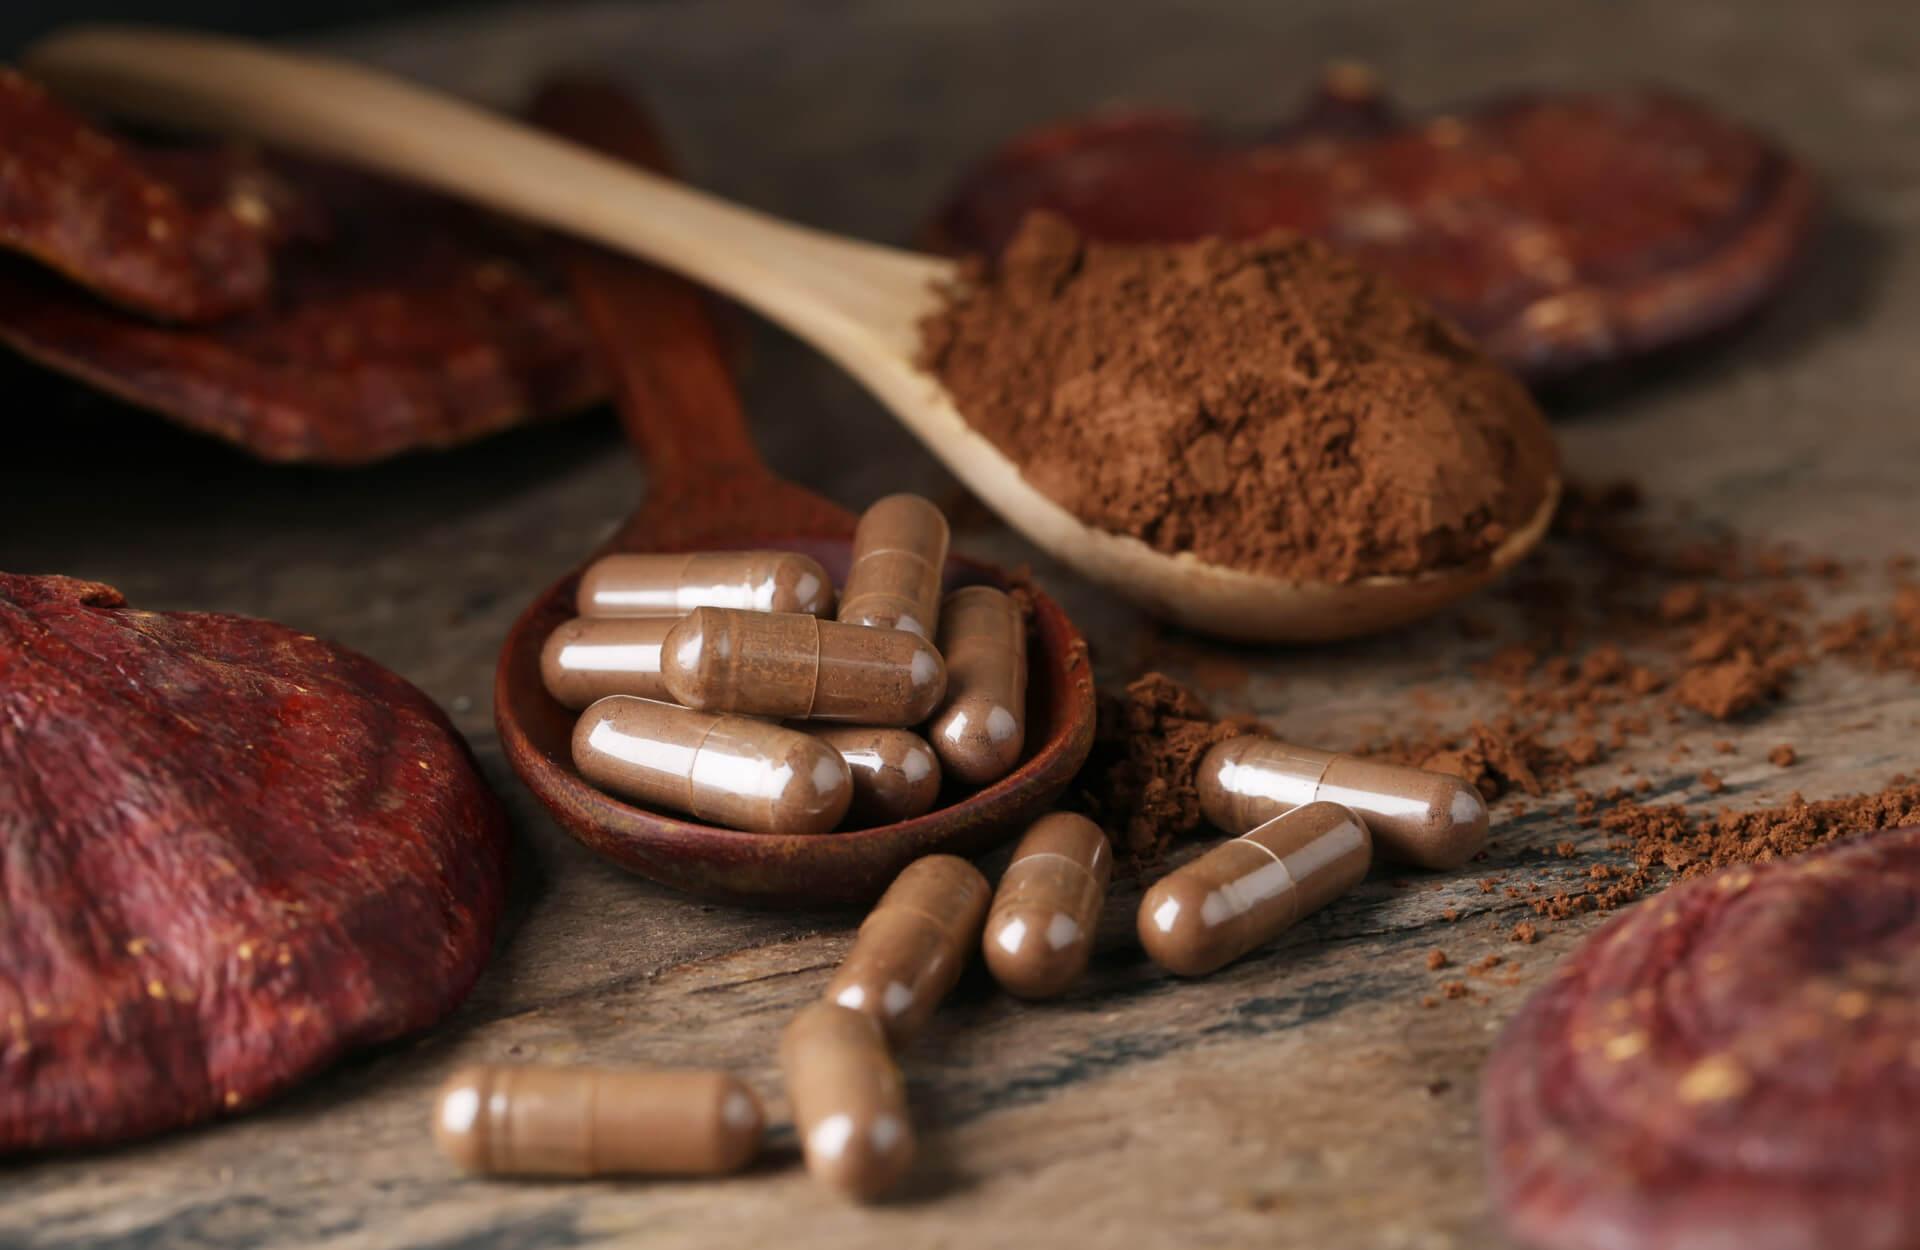 Vitalpilze zeichnen sich durch ihre positive Wirkung auf unsere Gesundheit aus. Mehr dazu in diesem Artikel.